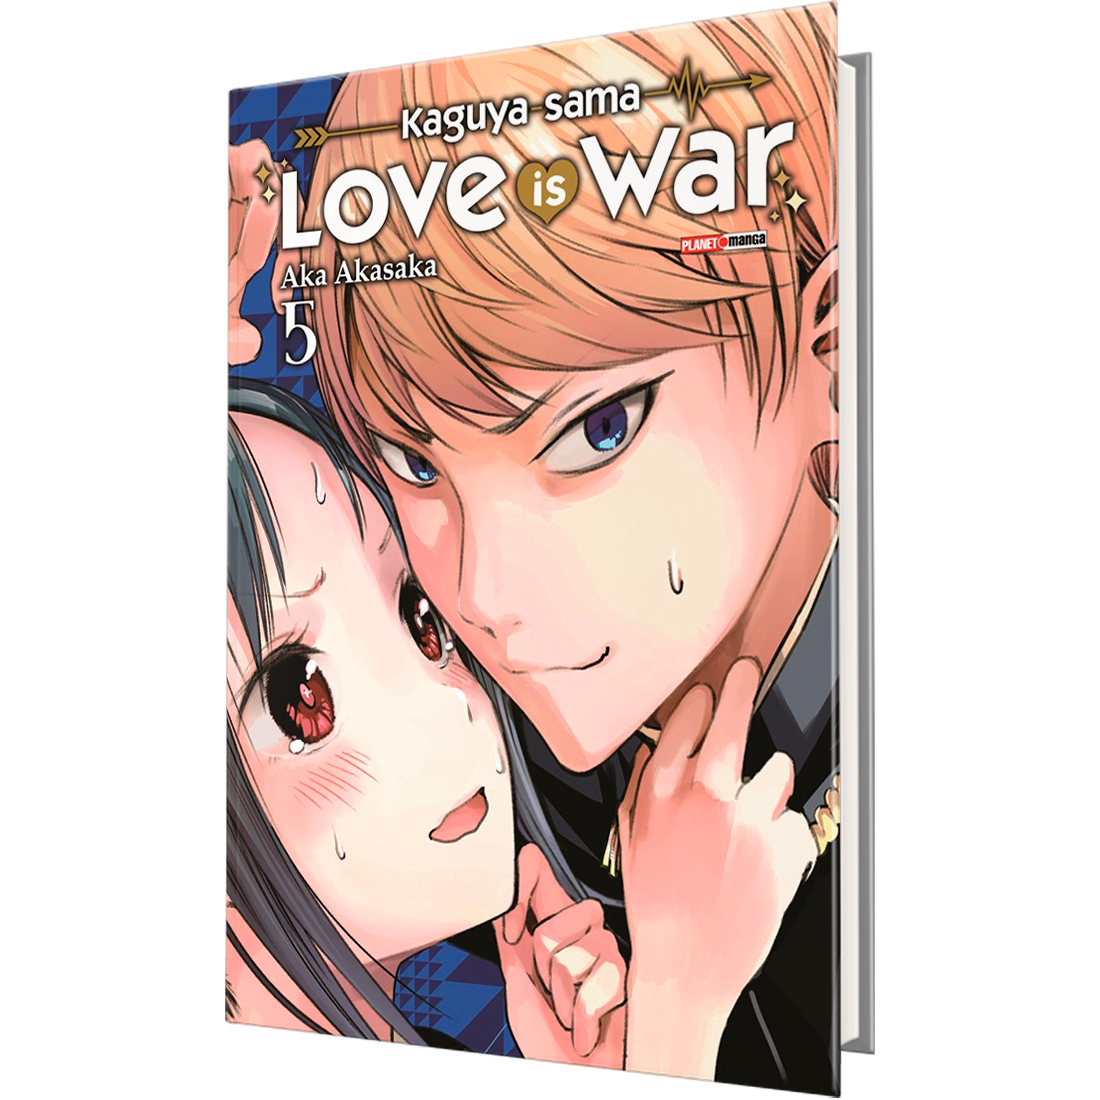 Kaguya Sama - Love is War Vol. 5